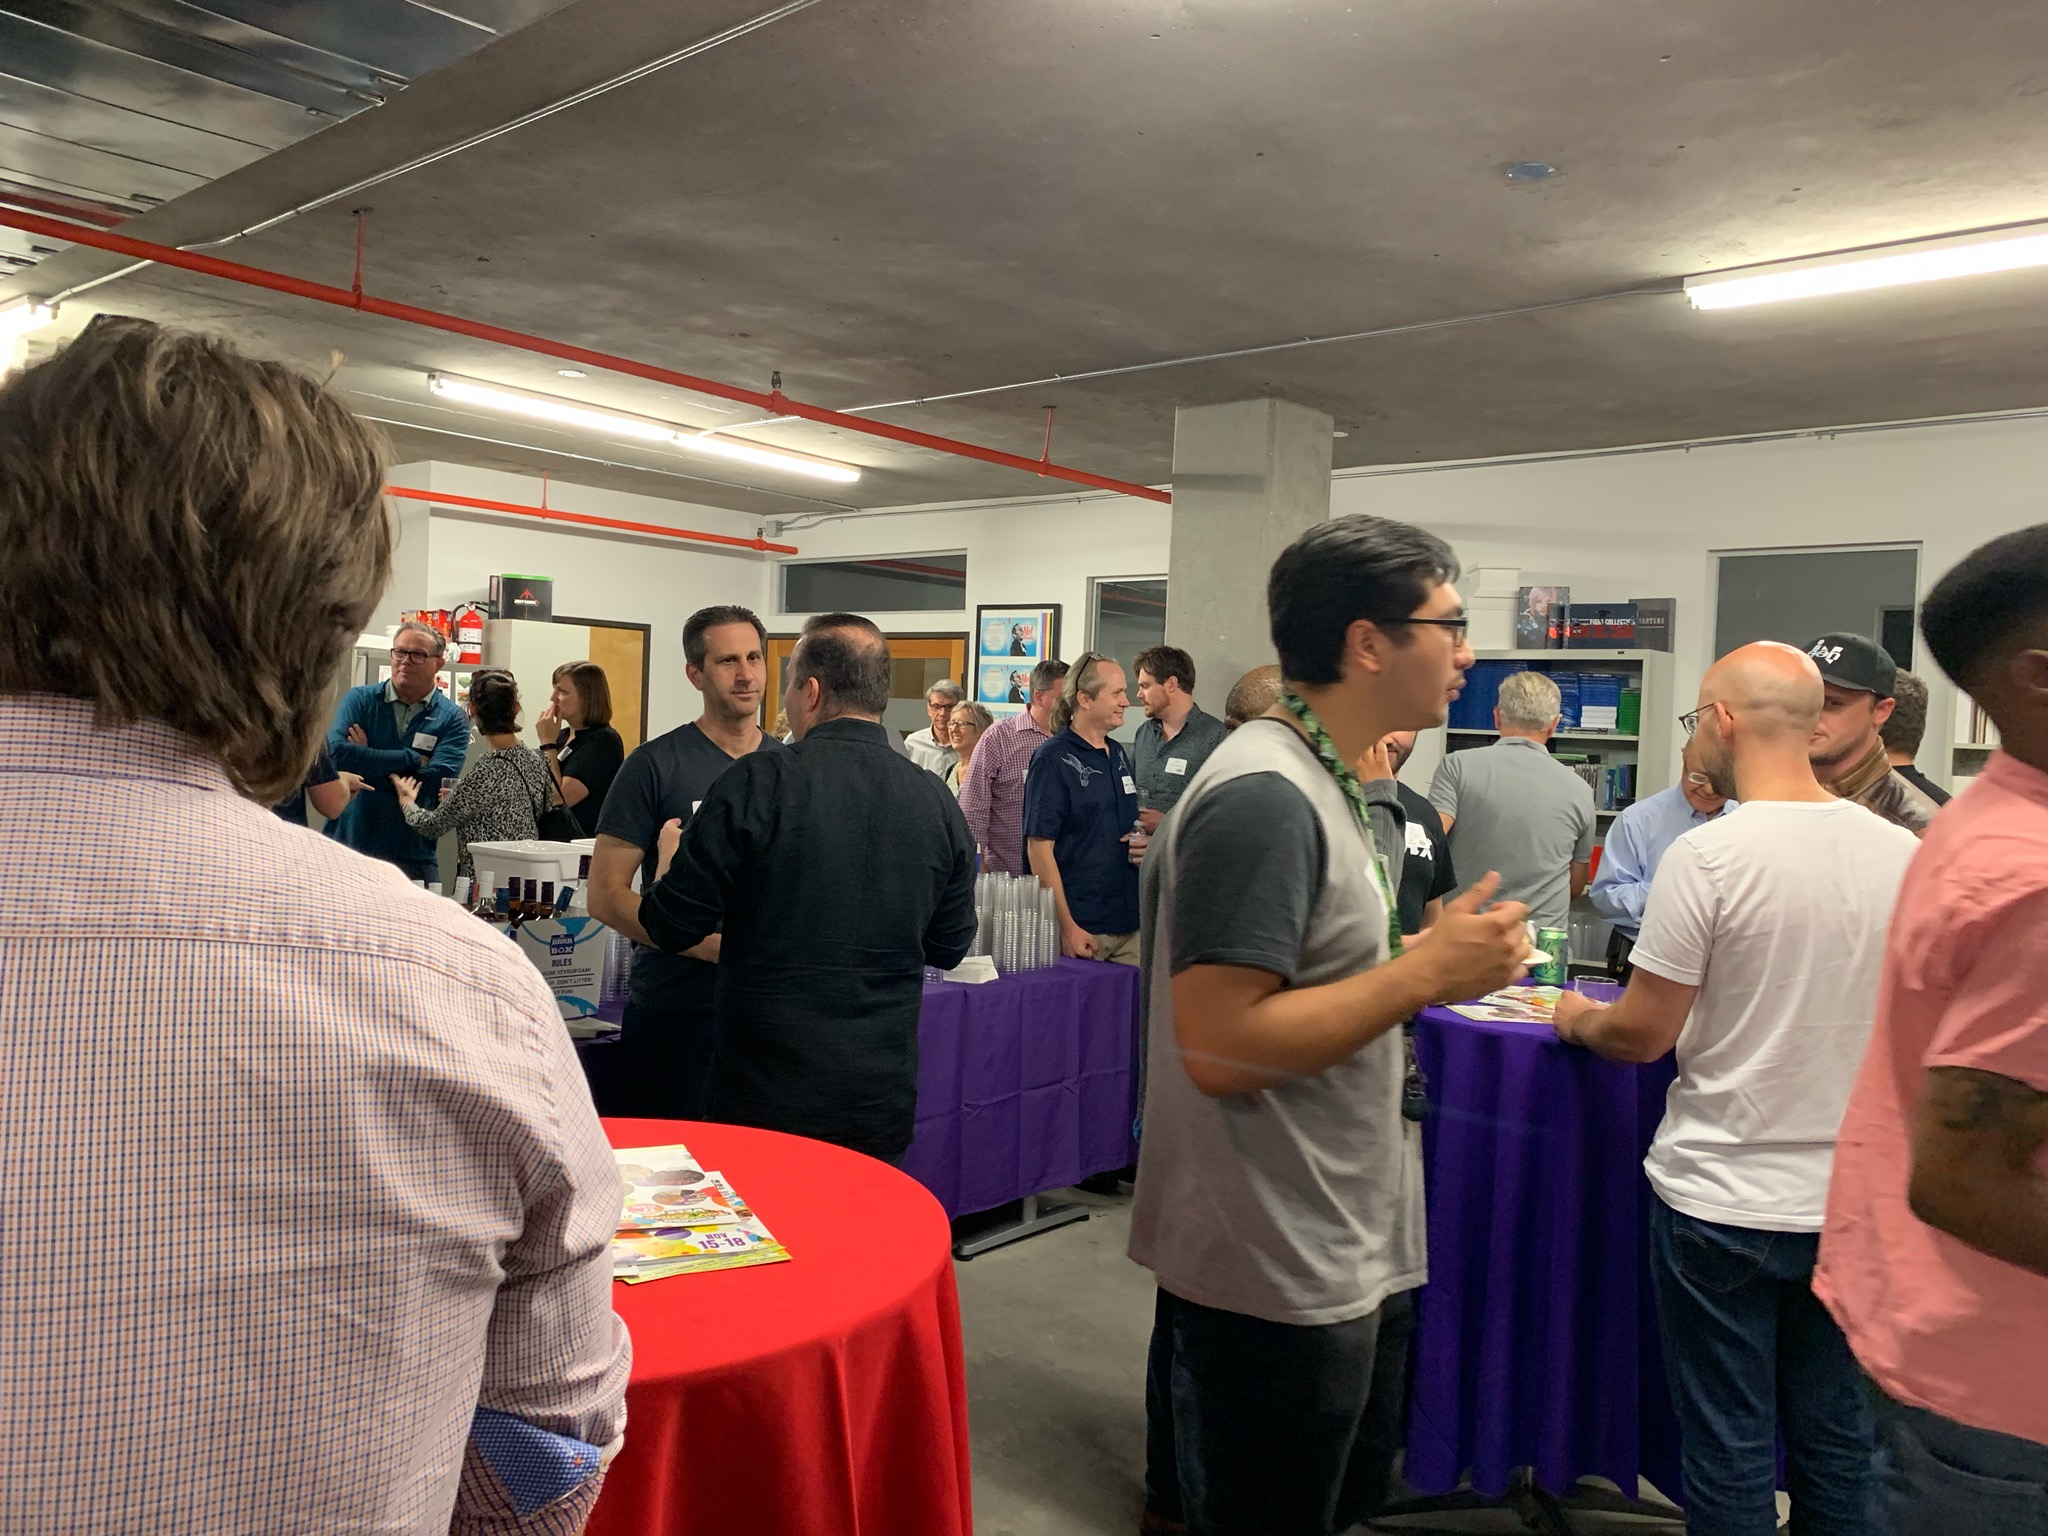 LA Sept 2018 event crowd shot 2